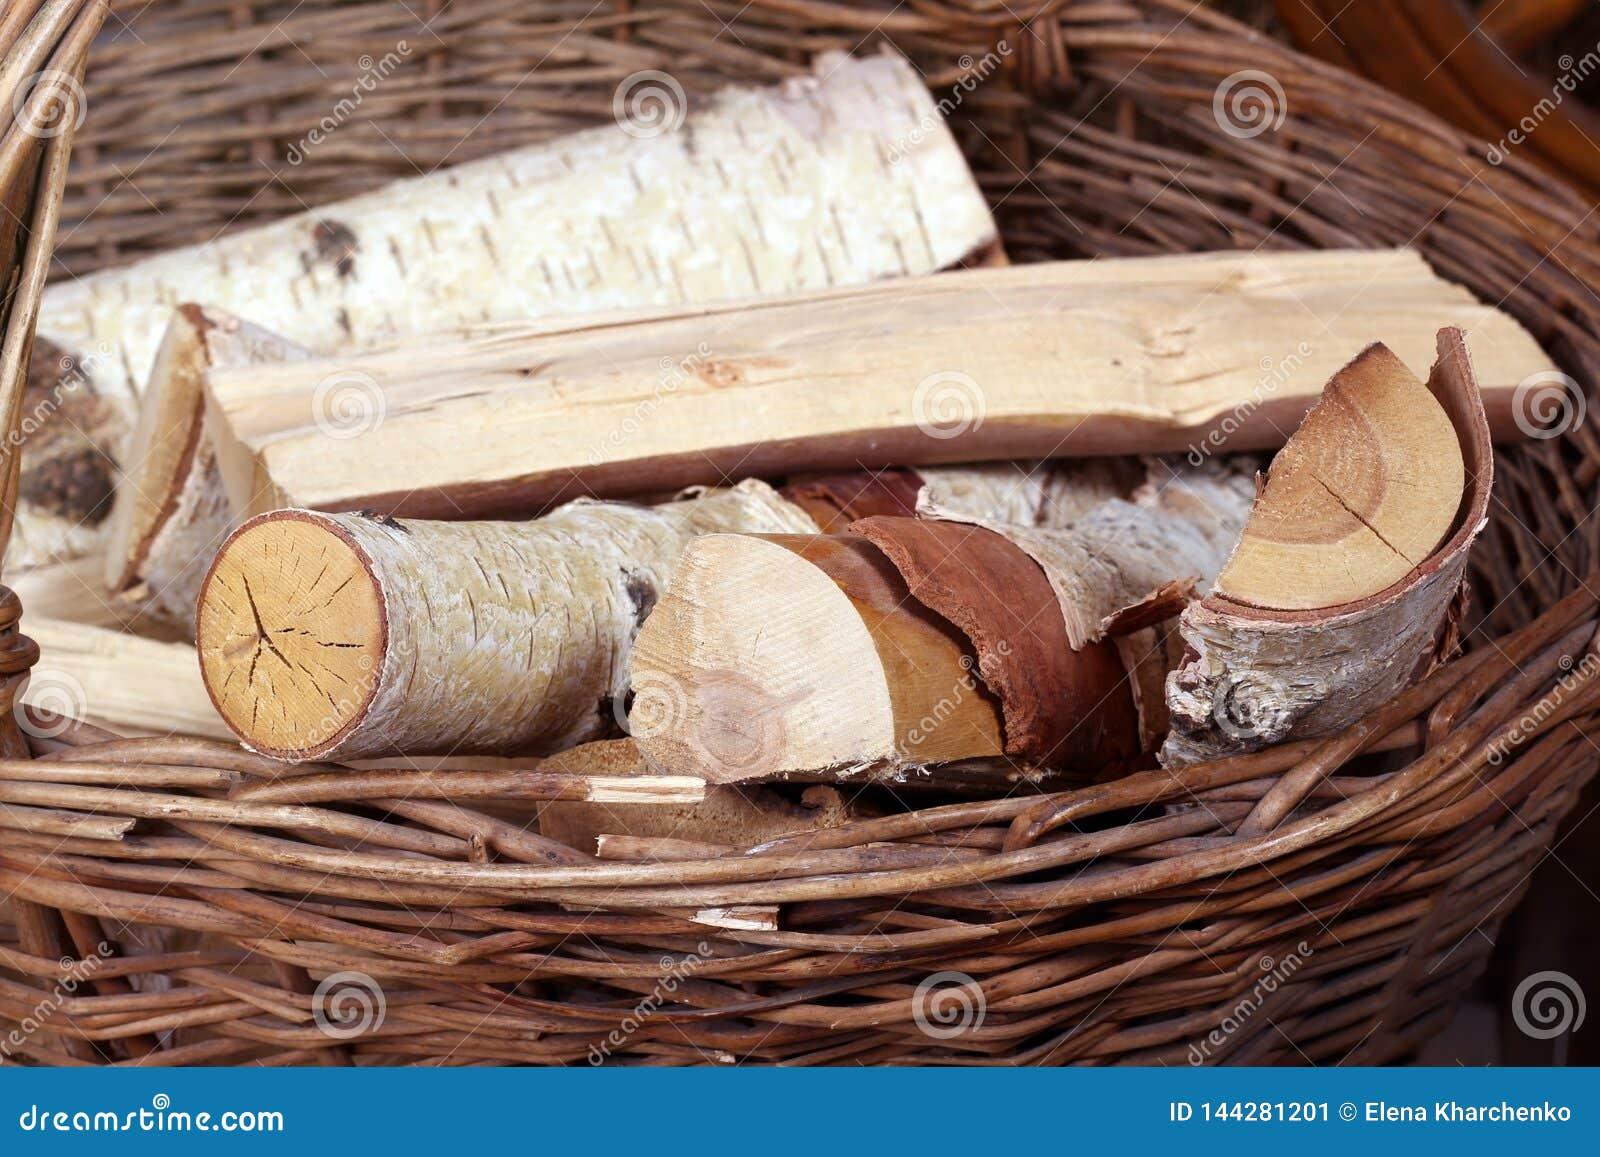 De logboeken liggen in een rieten mand met een handvat op de achtergrond van hooibergen